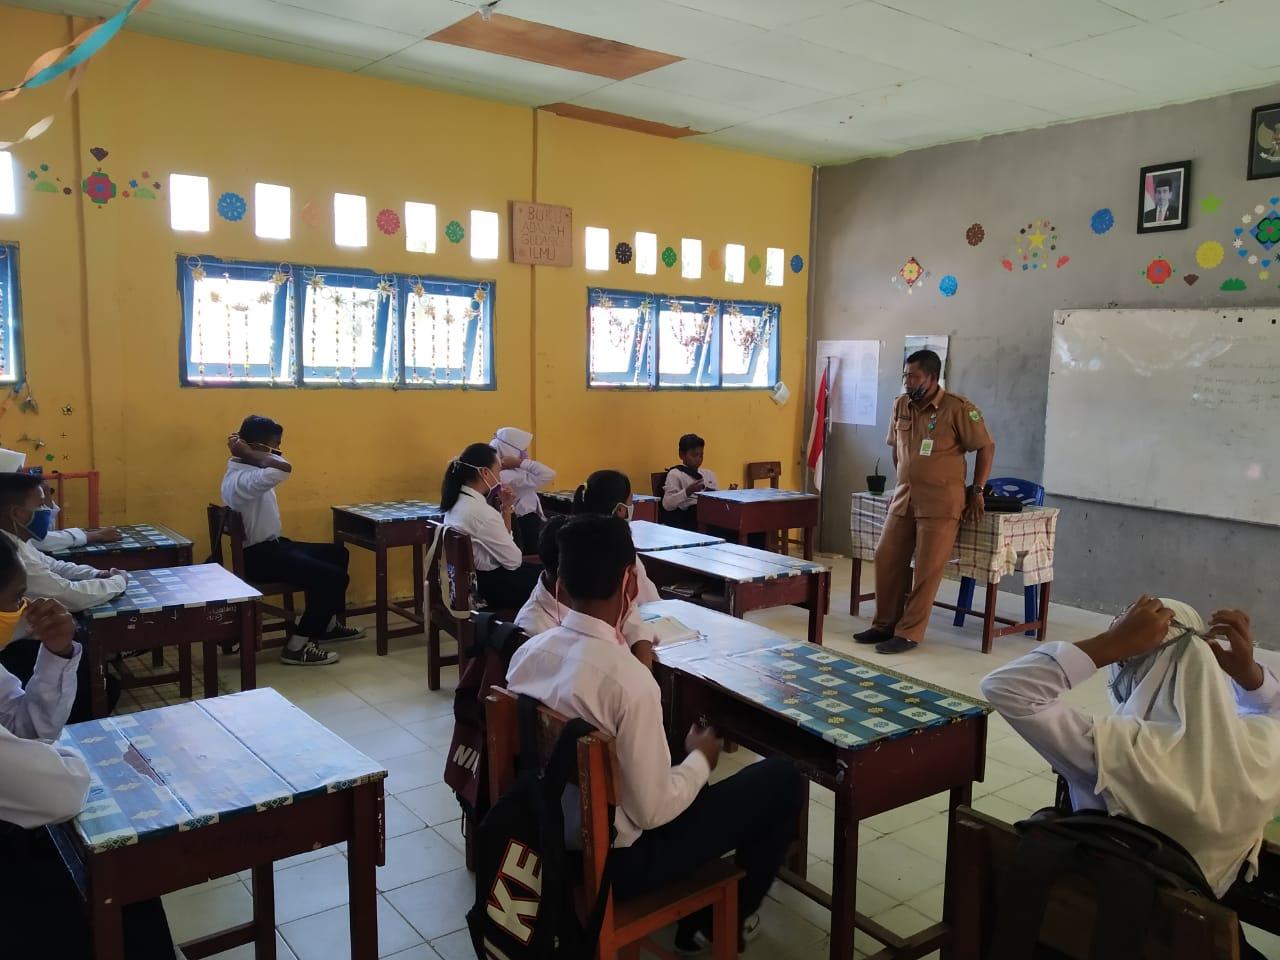 Dinas Pendidikan Kabupaten Lingga Akan Terapkan Kegiatan Belajar Tatap Muka